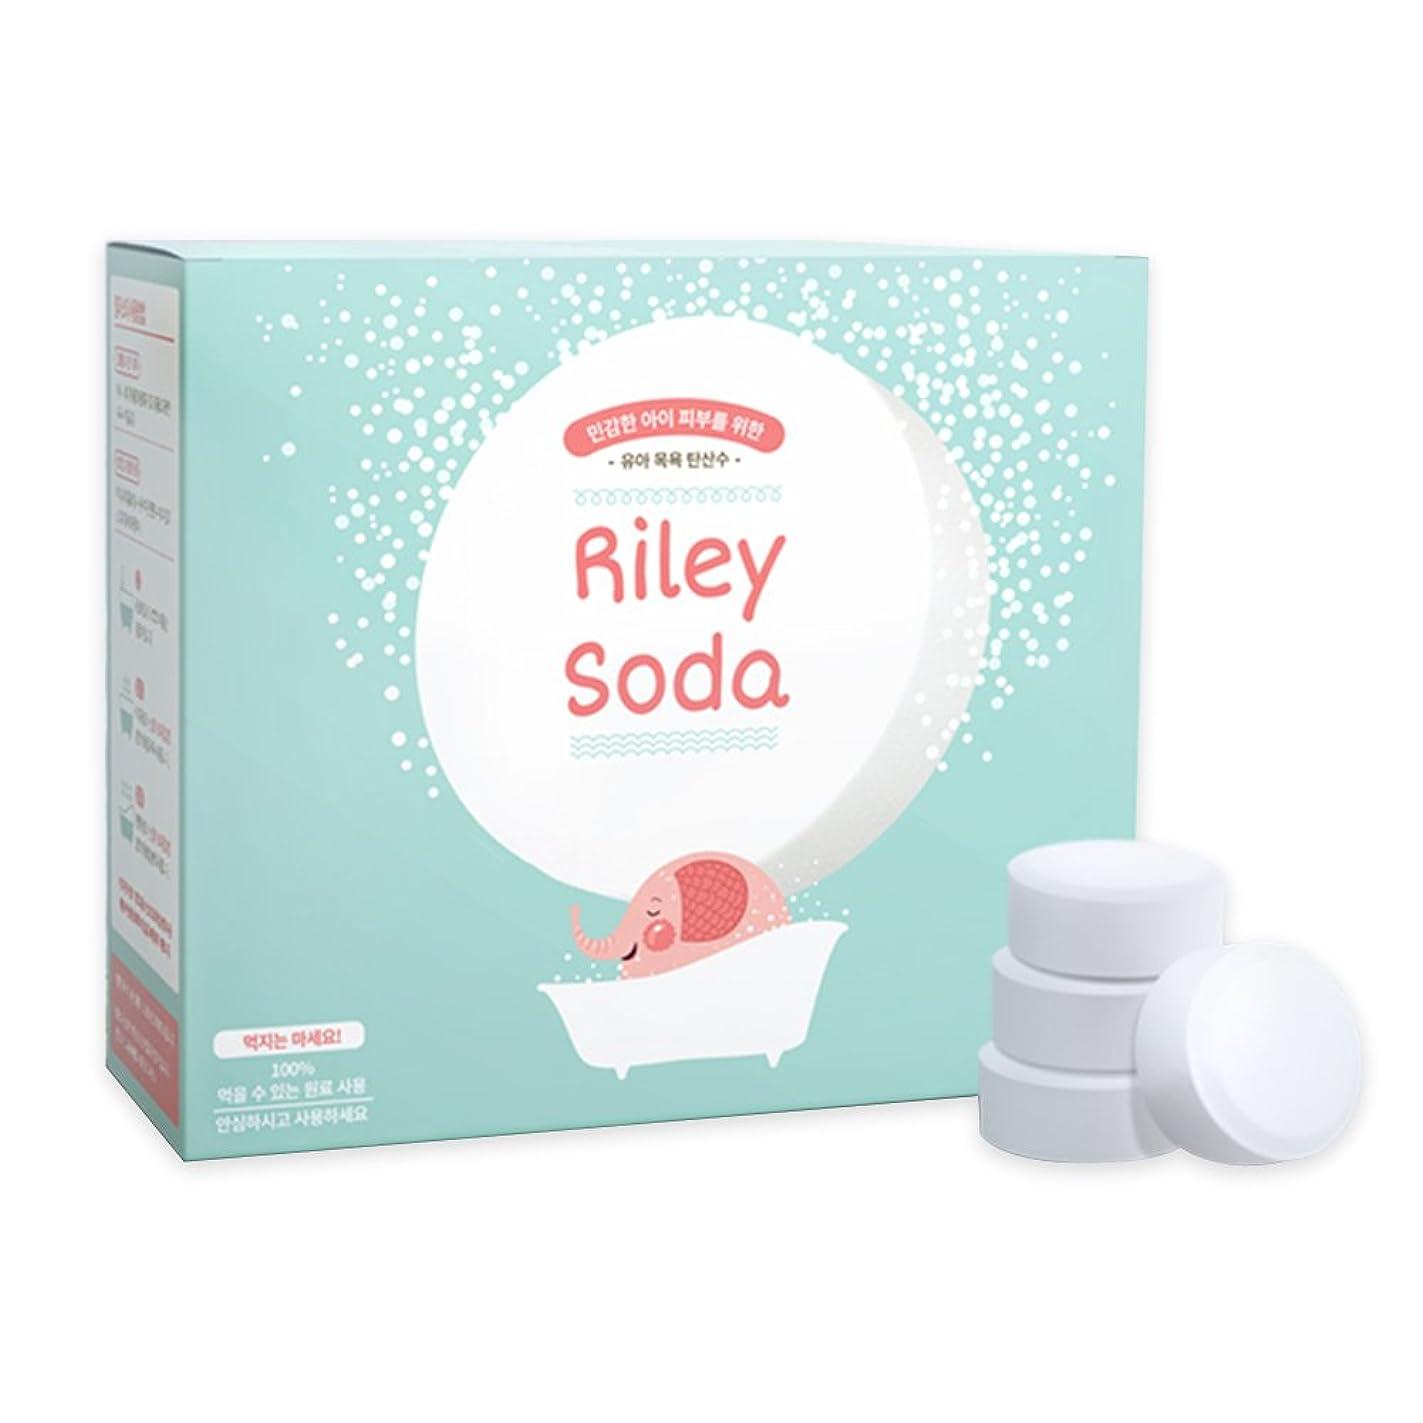 露出度の高い明らかにする友だち(リリーソ-ダ) Riley Soda アトピー赤ちゃん用炭酸温泉入浴剤 (30錠) [並行輸入品]